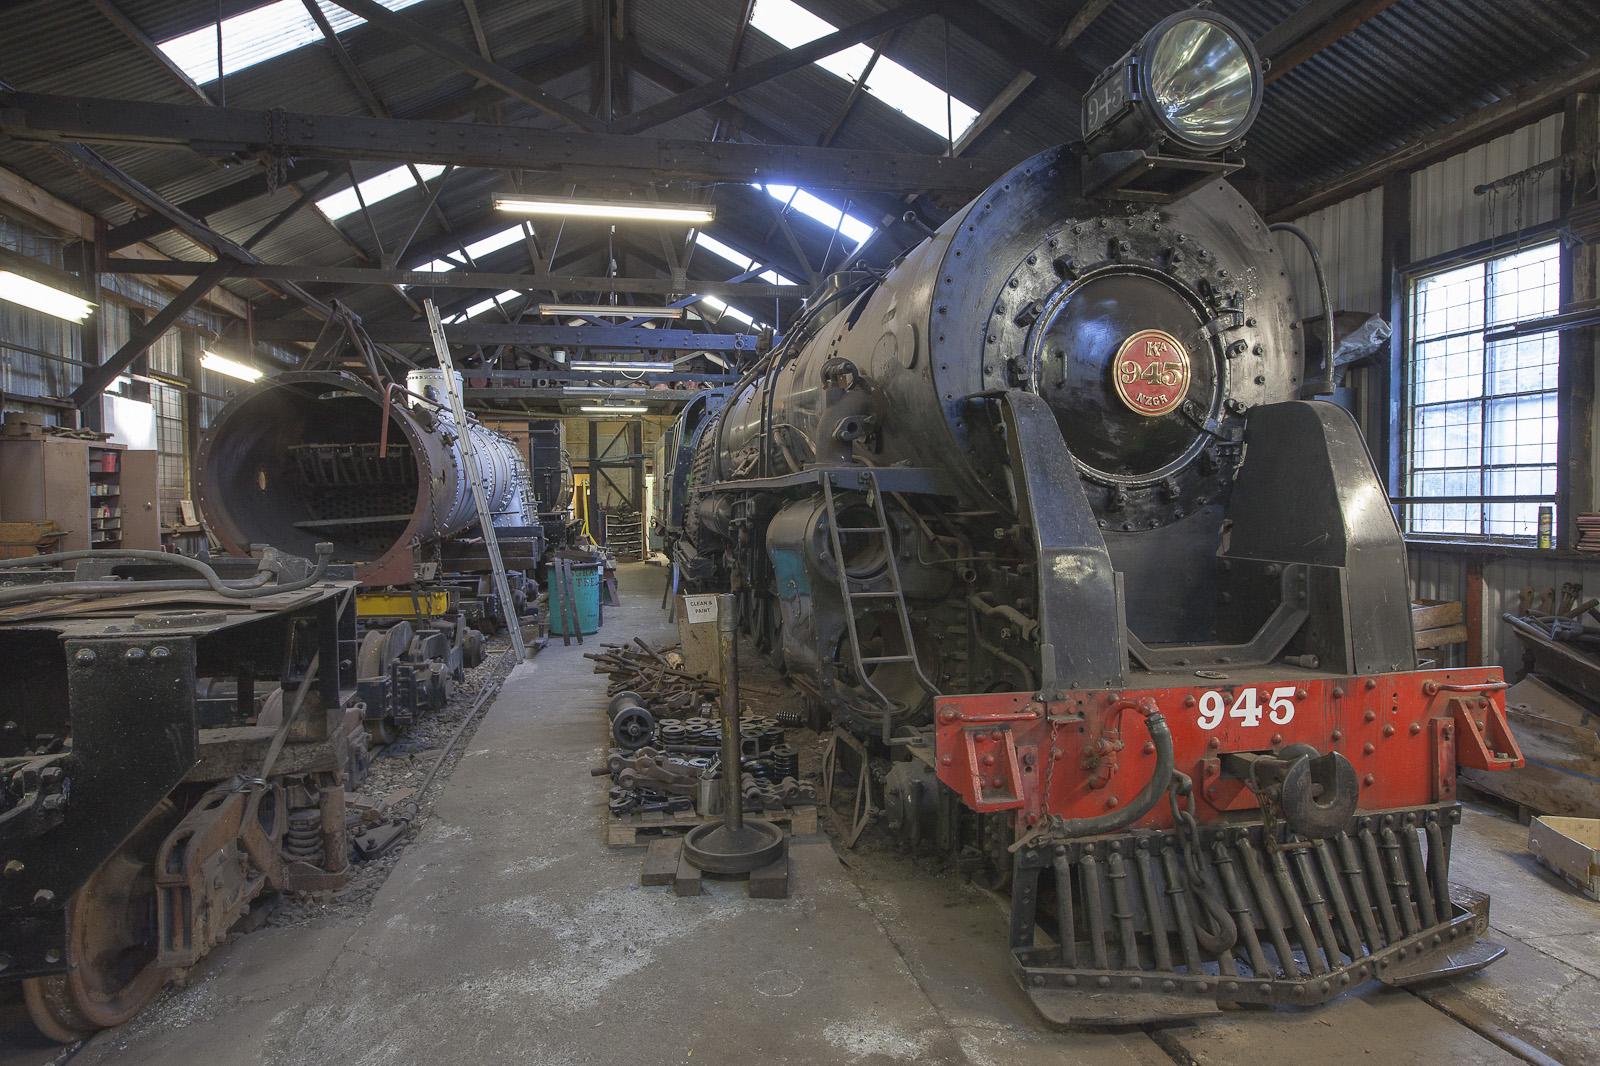 Restoration of steam locomotives at Paekakariki